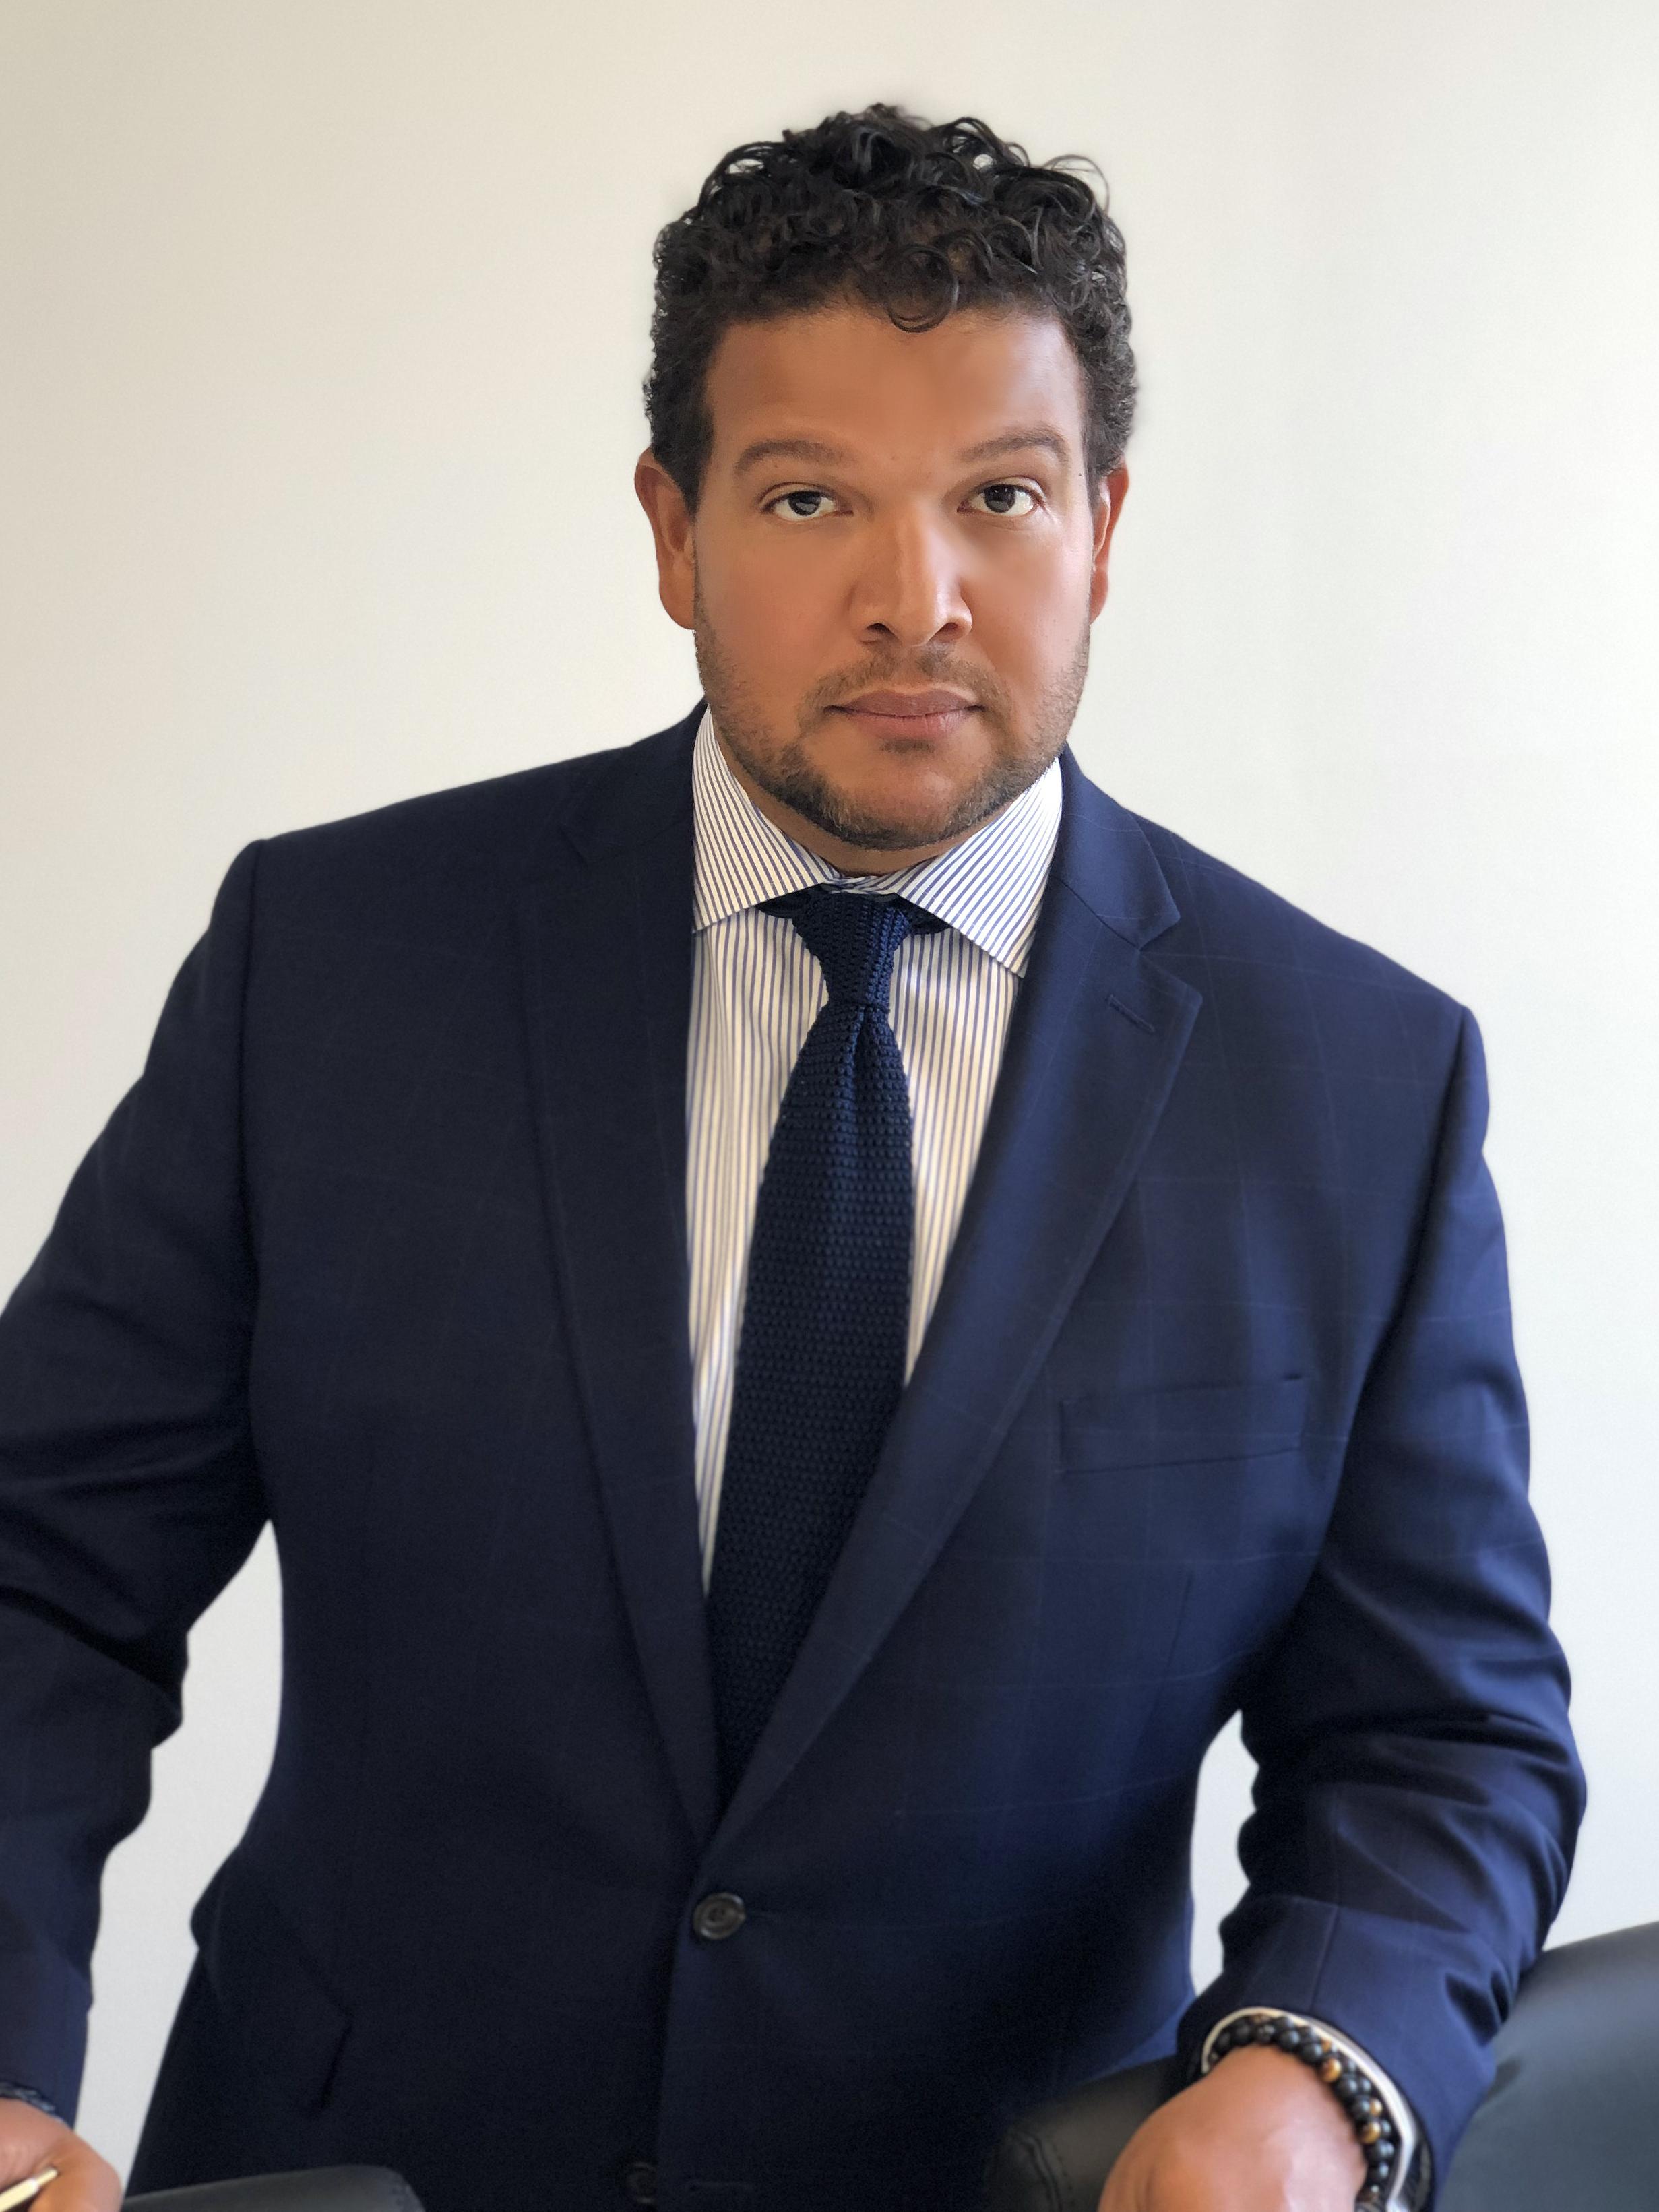 Alex Norman